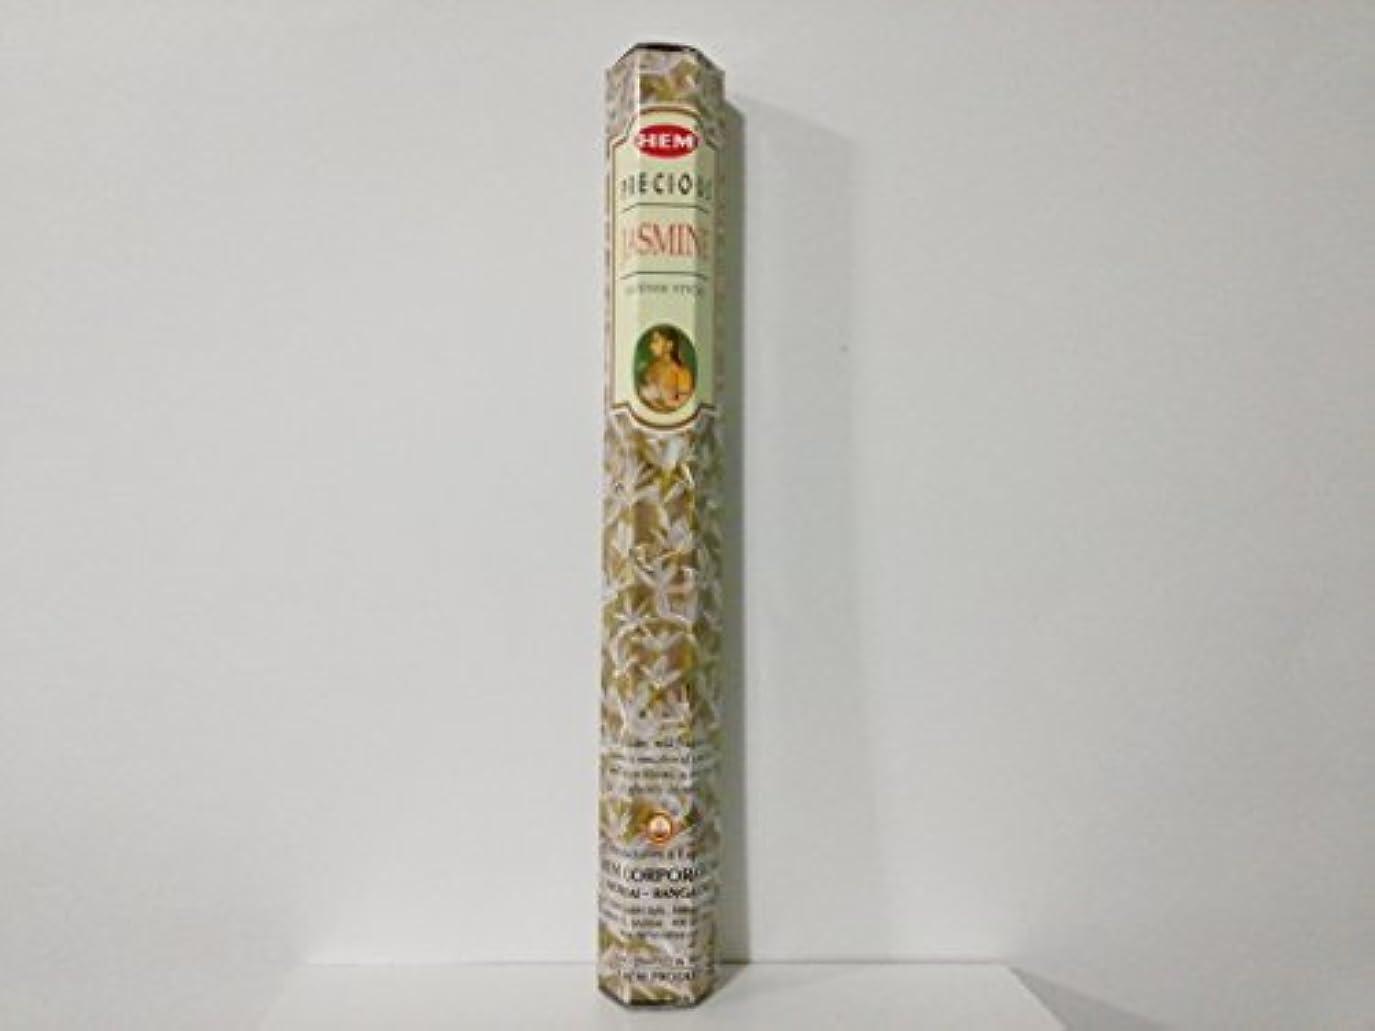 人里離れた巨大半球1 x Hem Precious Jasmine Incense Sticks 120 Ct